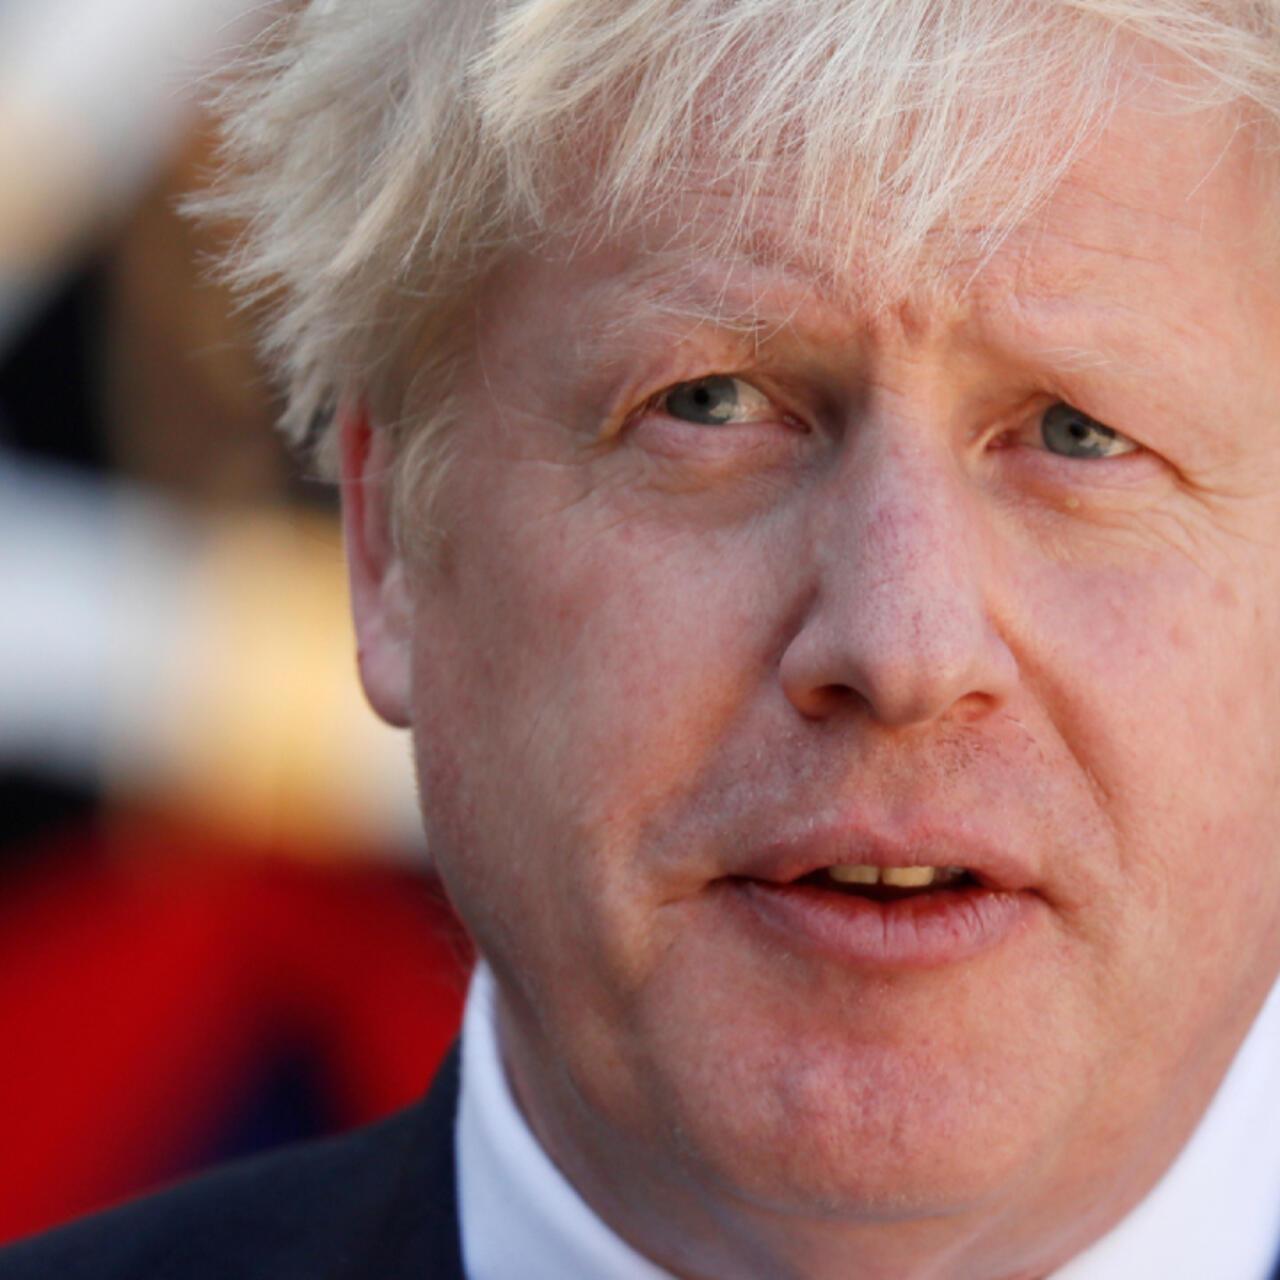 El primer ministro Boris Johnson es ingresado a cuidados intensivos